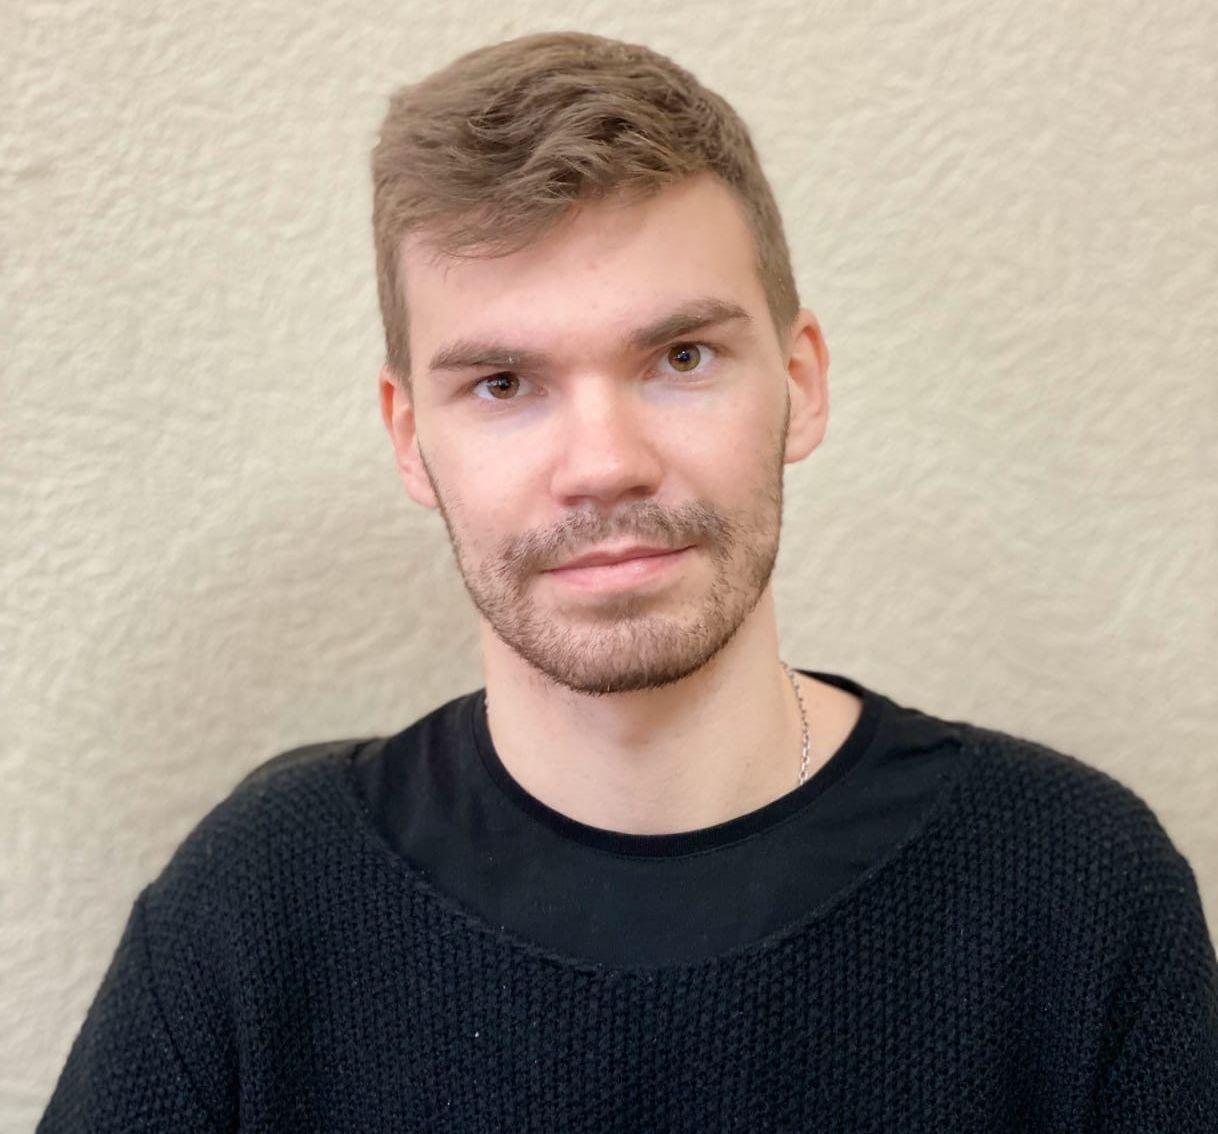 Владимир ВИКУЛОВ: Хочется, чтобы в будущее региона вкладывался не только губернатор, но и все чиновники